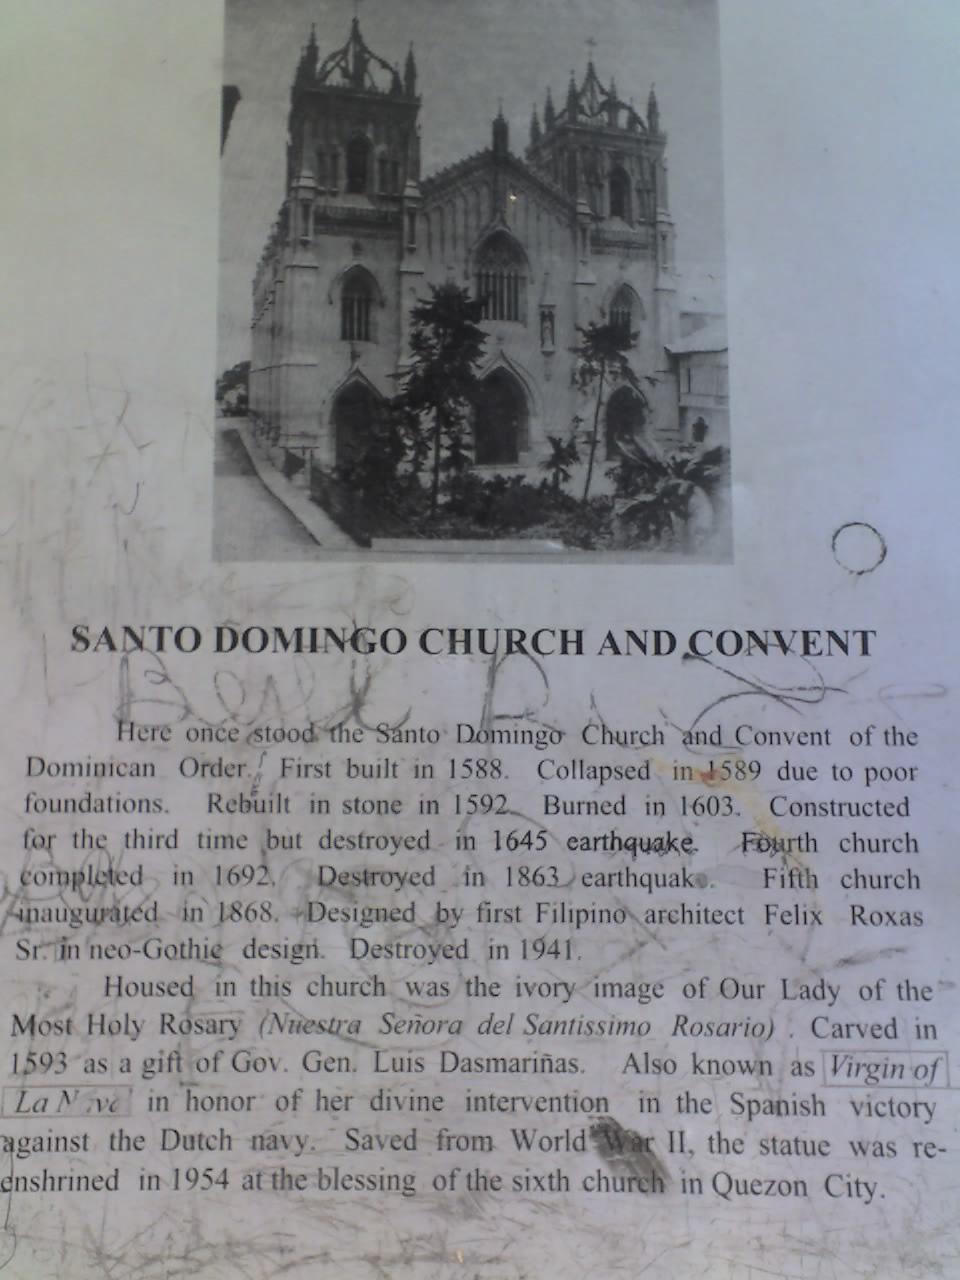 SANTO DOMINGO CHURCH AND CONVENT